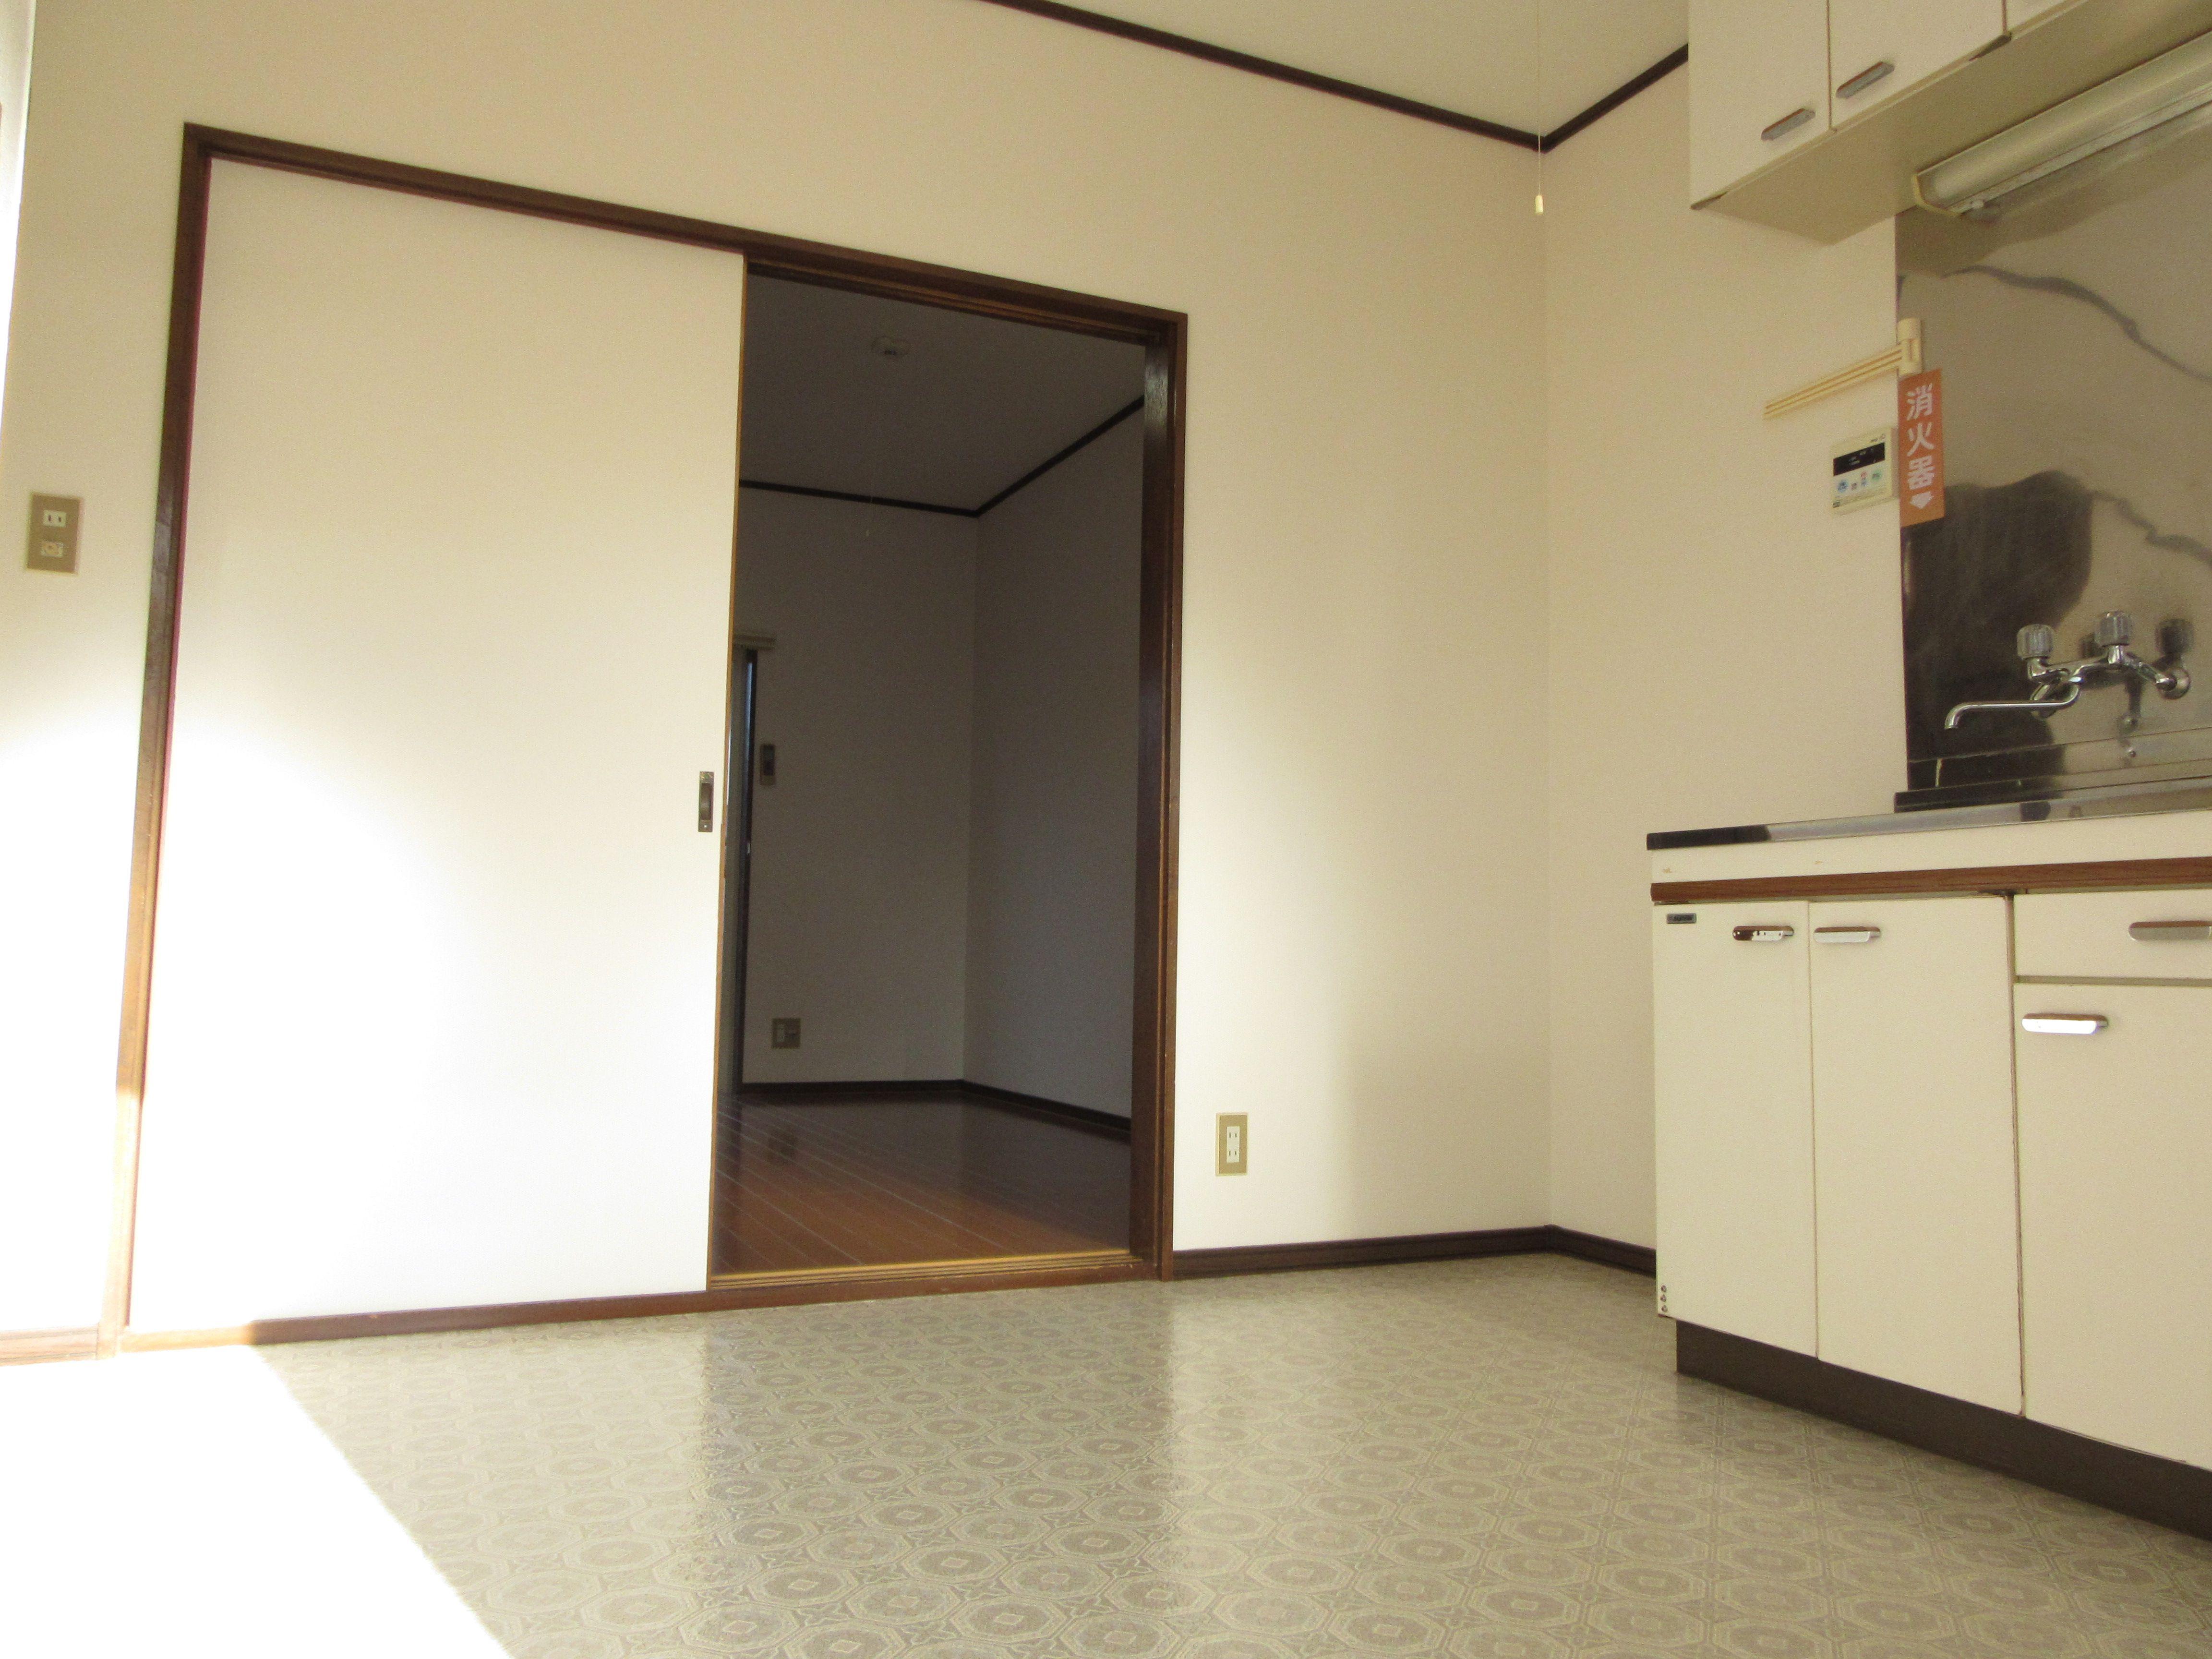 キッチン|賃貸 1K つかさコーポ byのぐち不動産